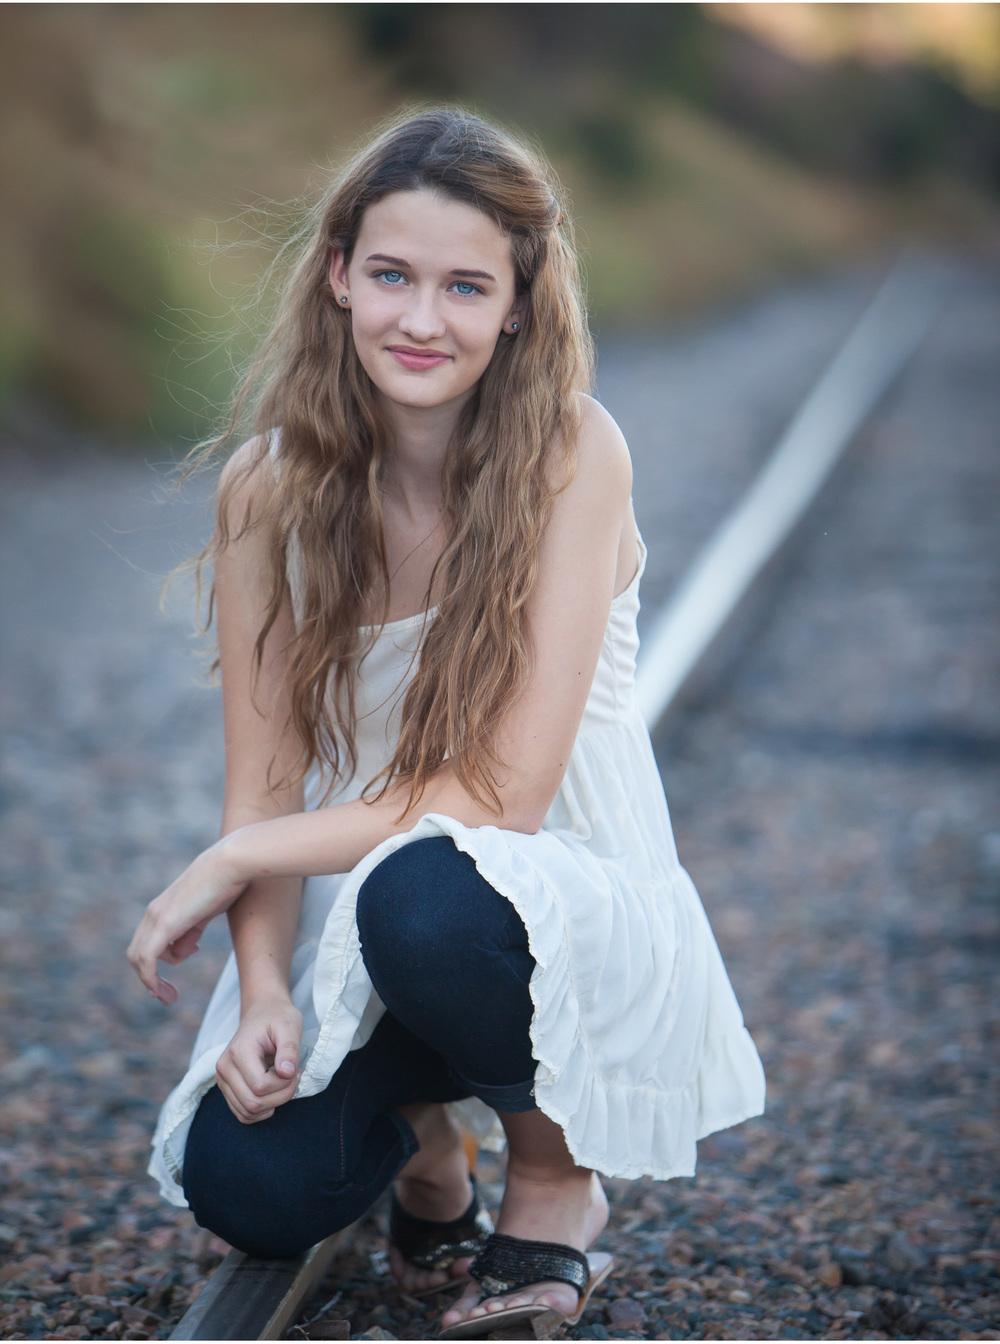 high school senior photo session on out of use traintracks in denver | photographer jennifer koskinen | merritt portrait studio